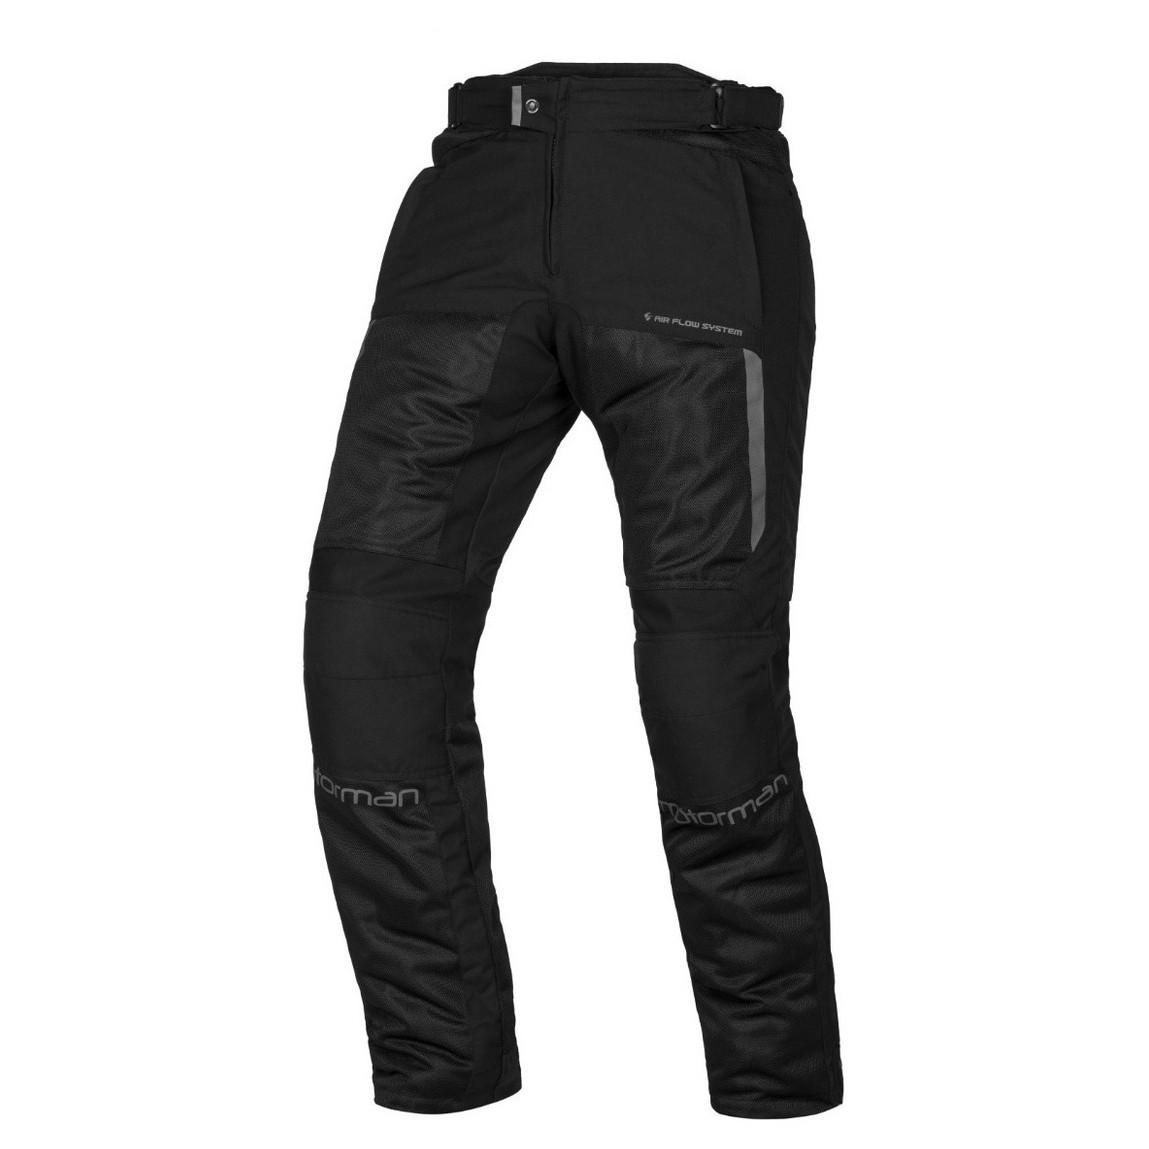 Pantalon de Verano Motorman Zonda Negro con Protecciones